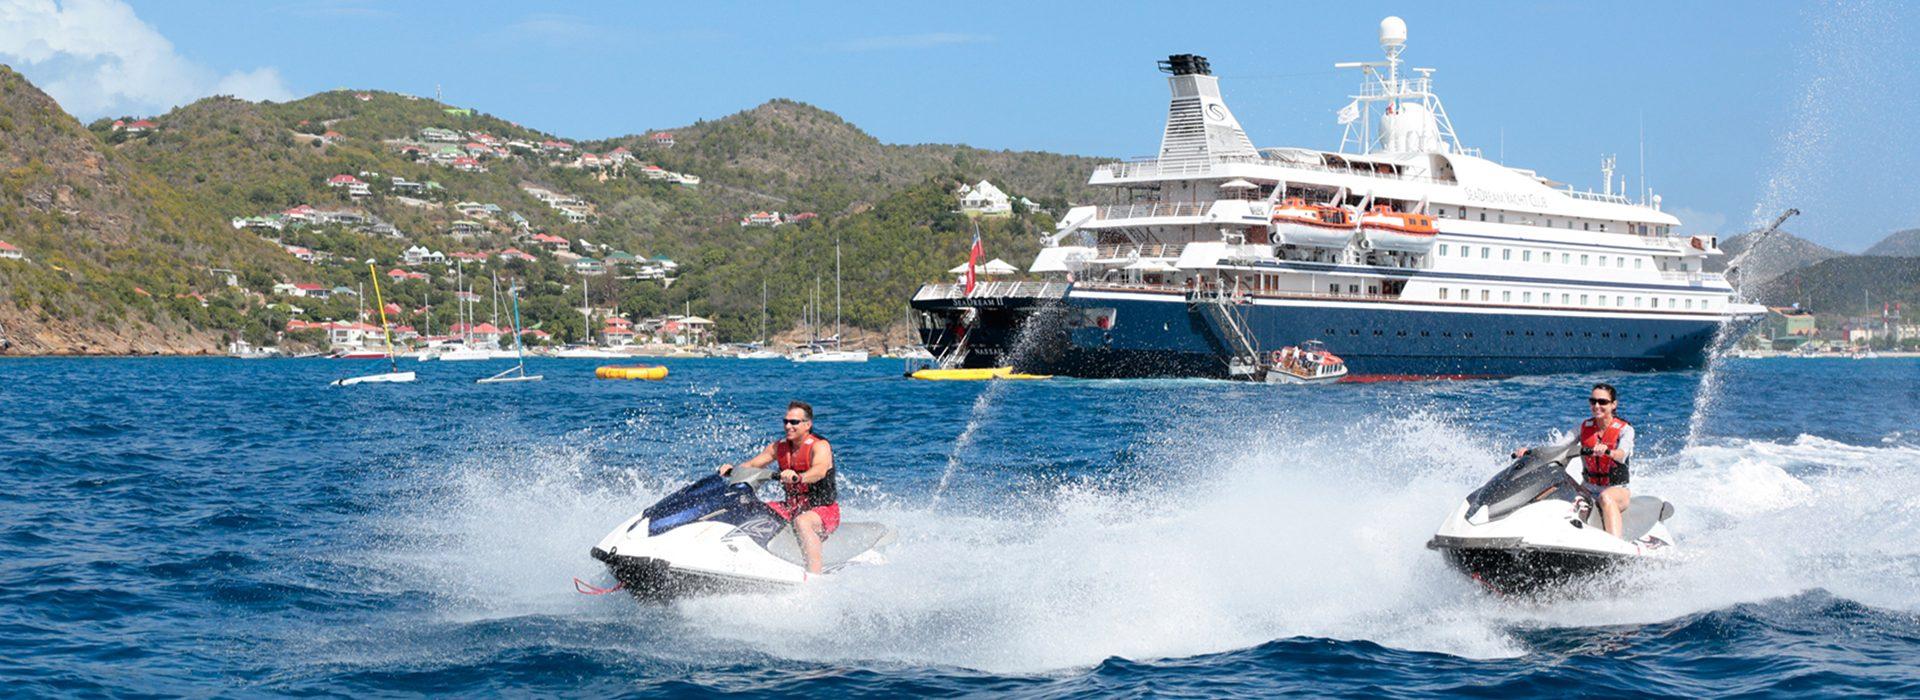 Wassersport auf den Luxusyachten SeaDream I und Sea Dream II